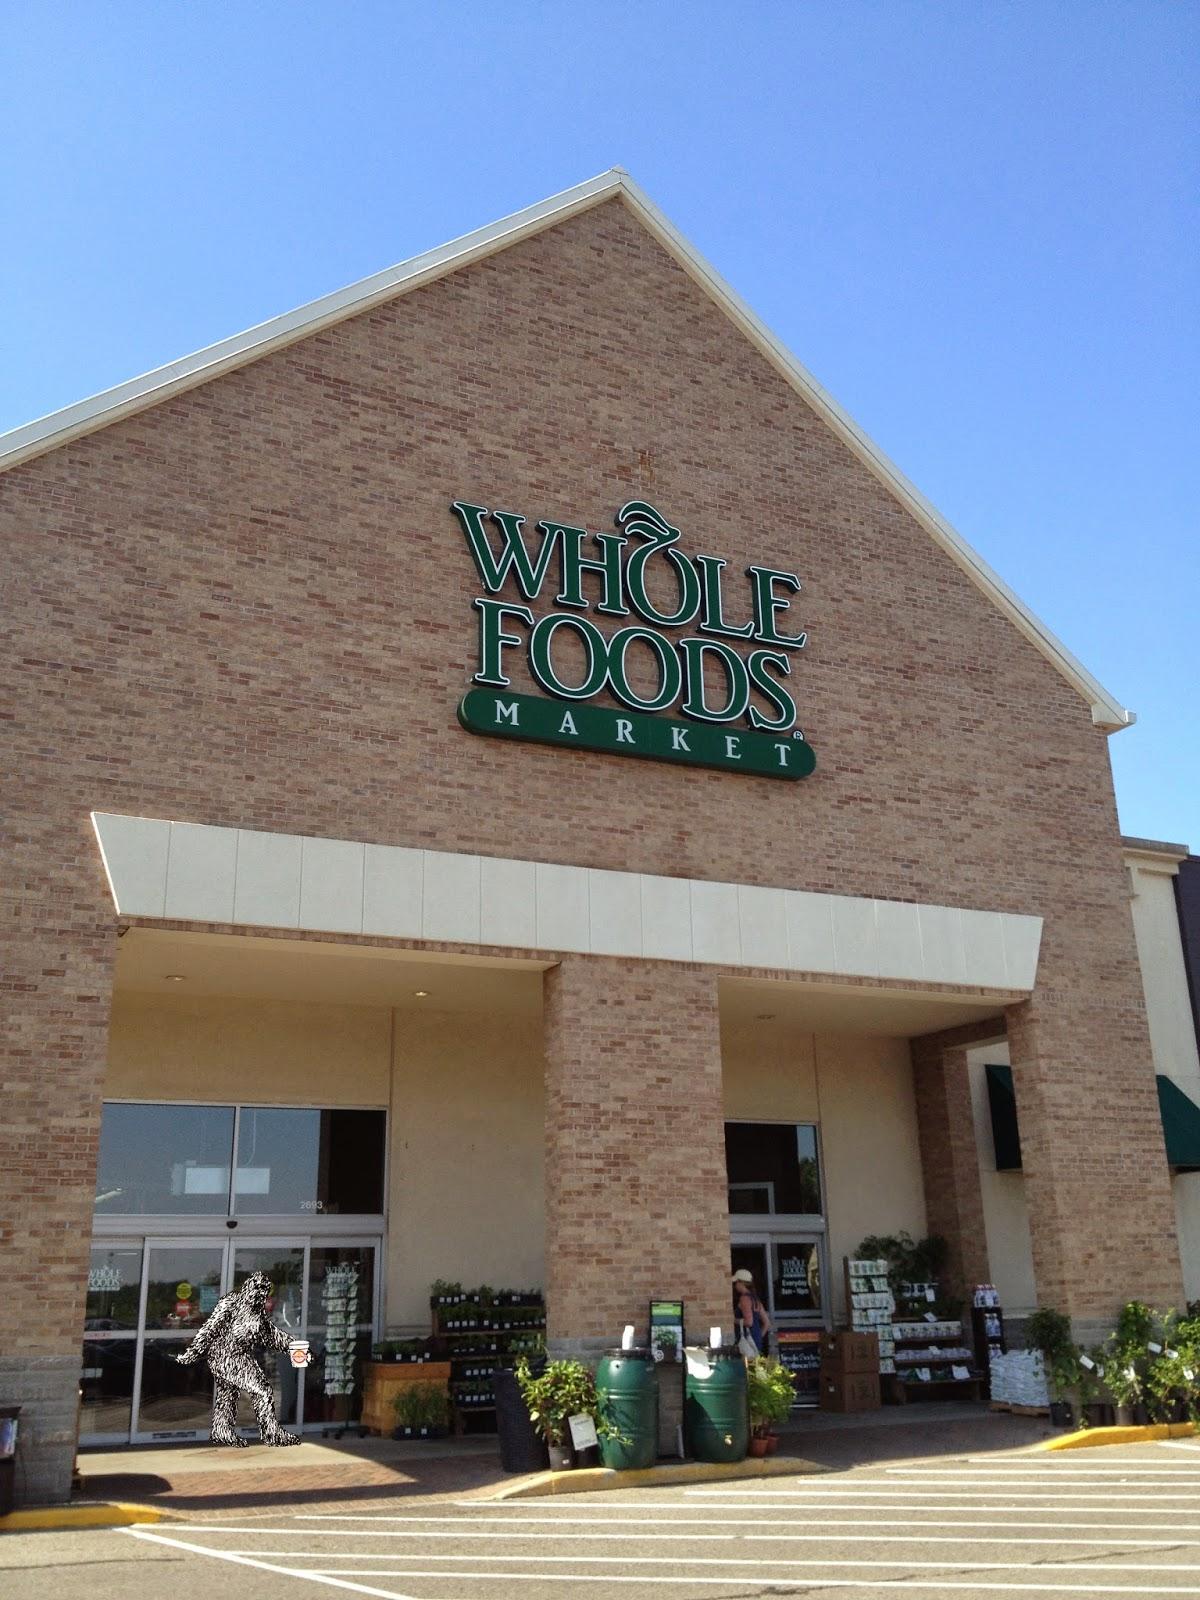 Whole Foods Cincinnati Rookwood